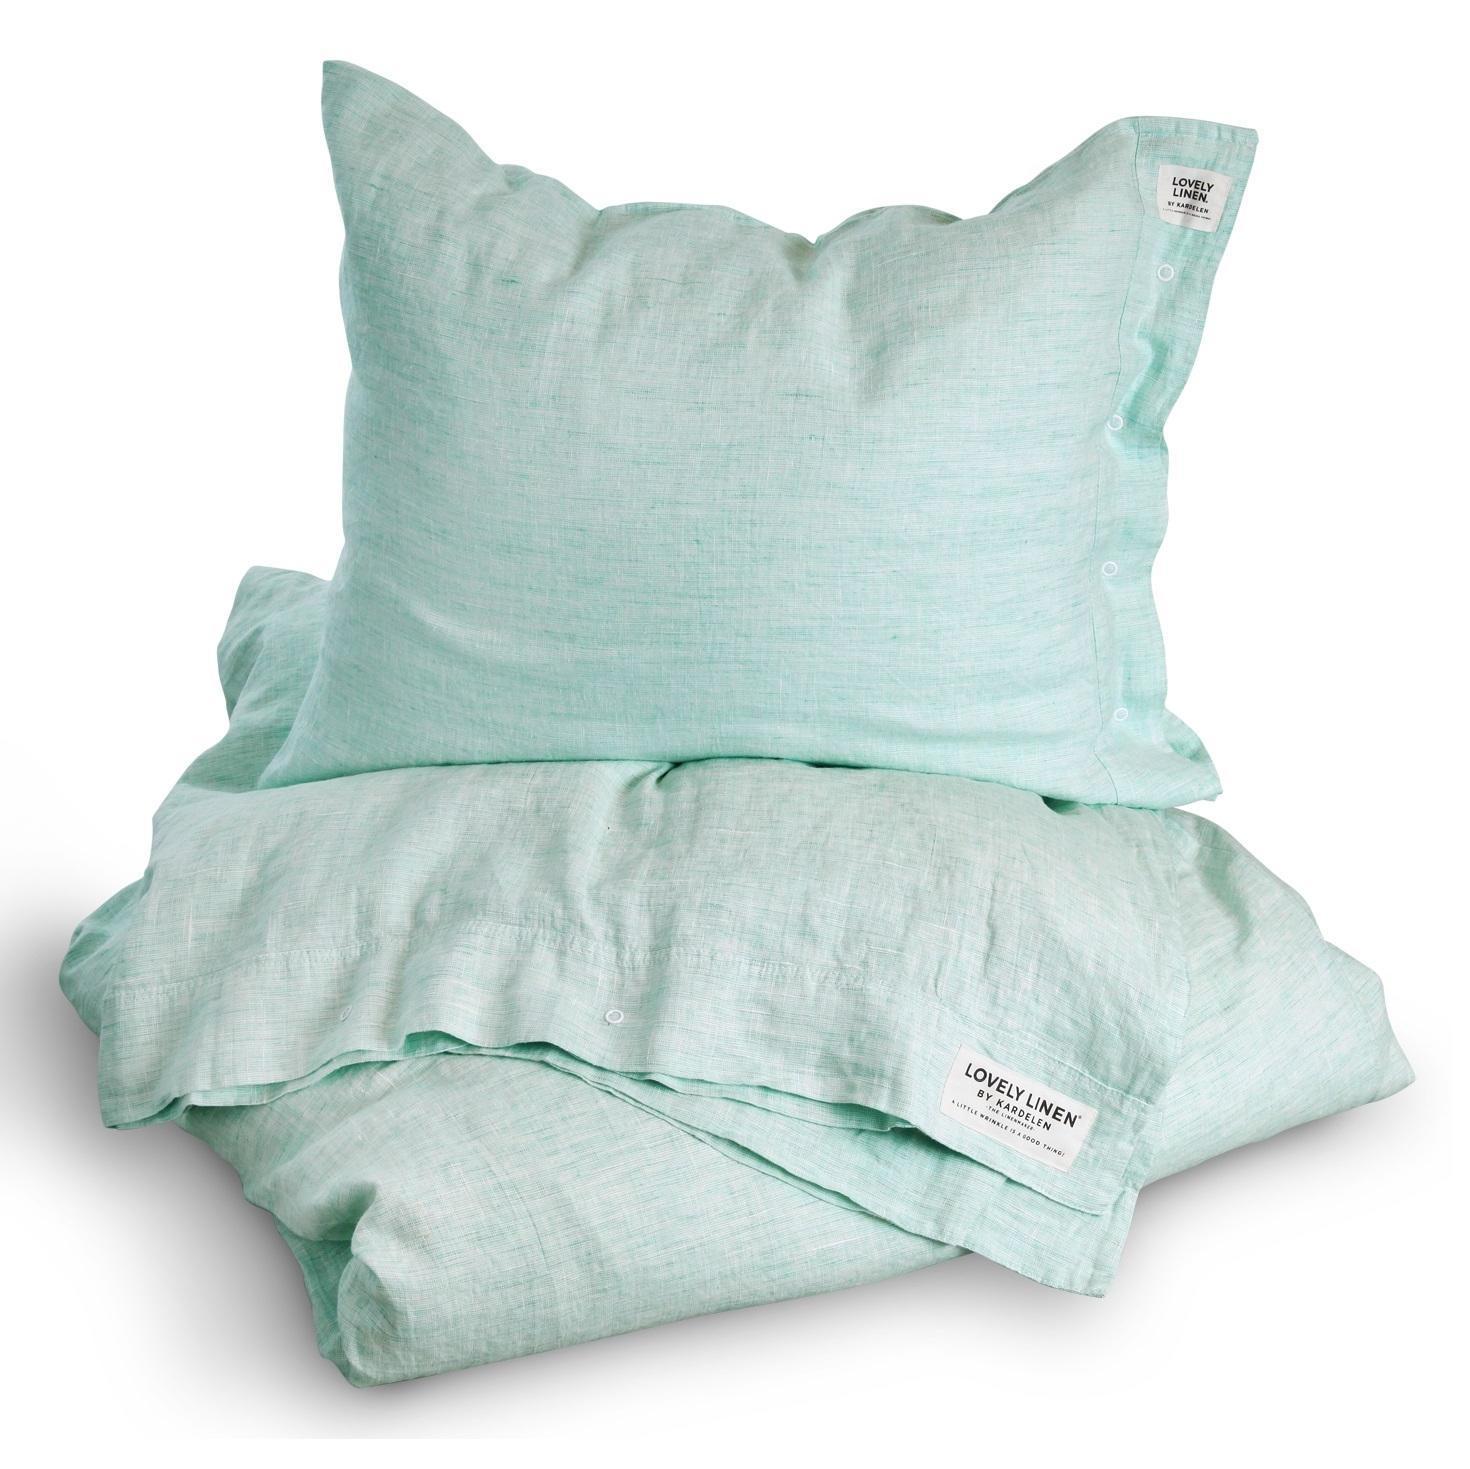 Lovely Linen Přírodní lněné povlečení Chambray Ocean, modrá barva, zelená barva, textil